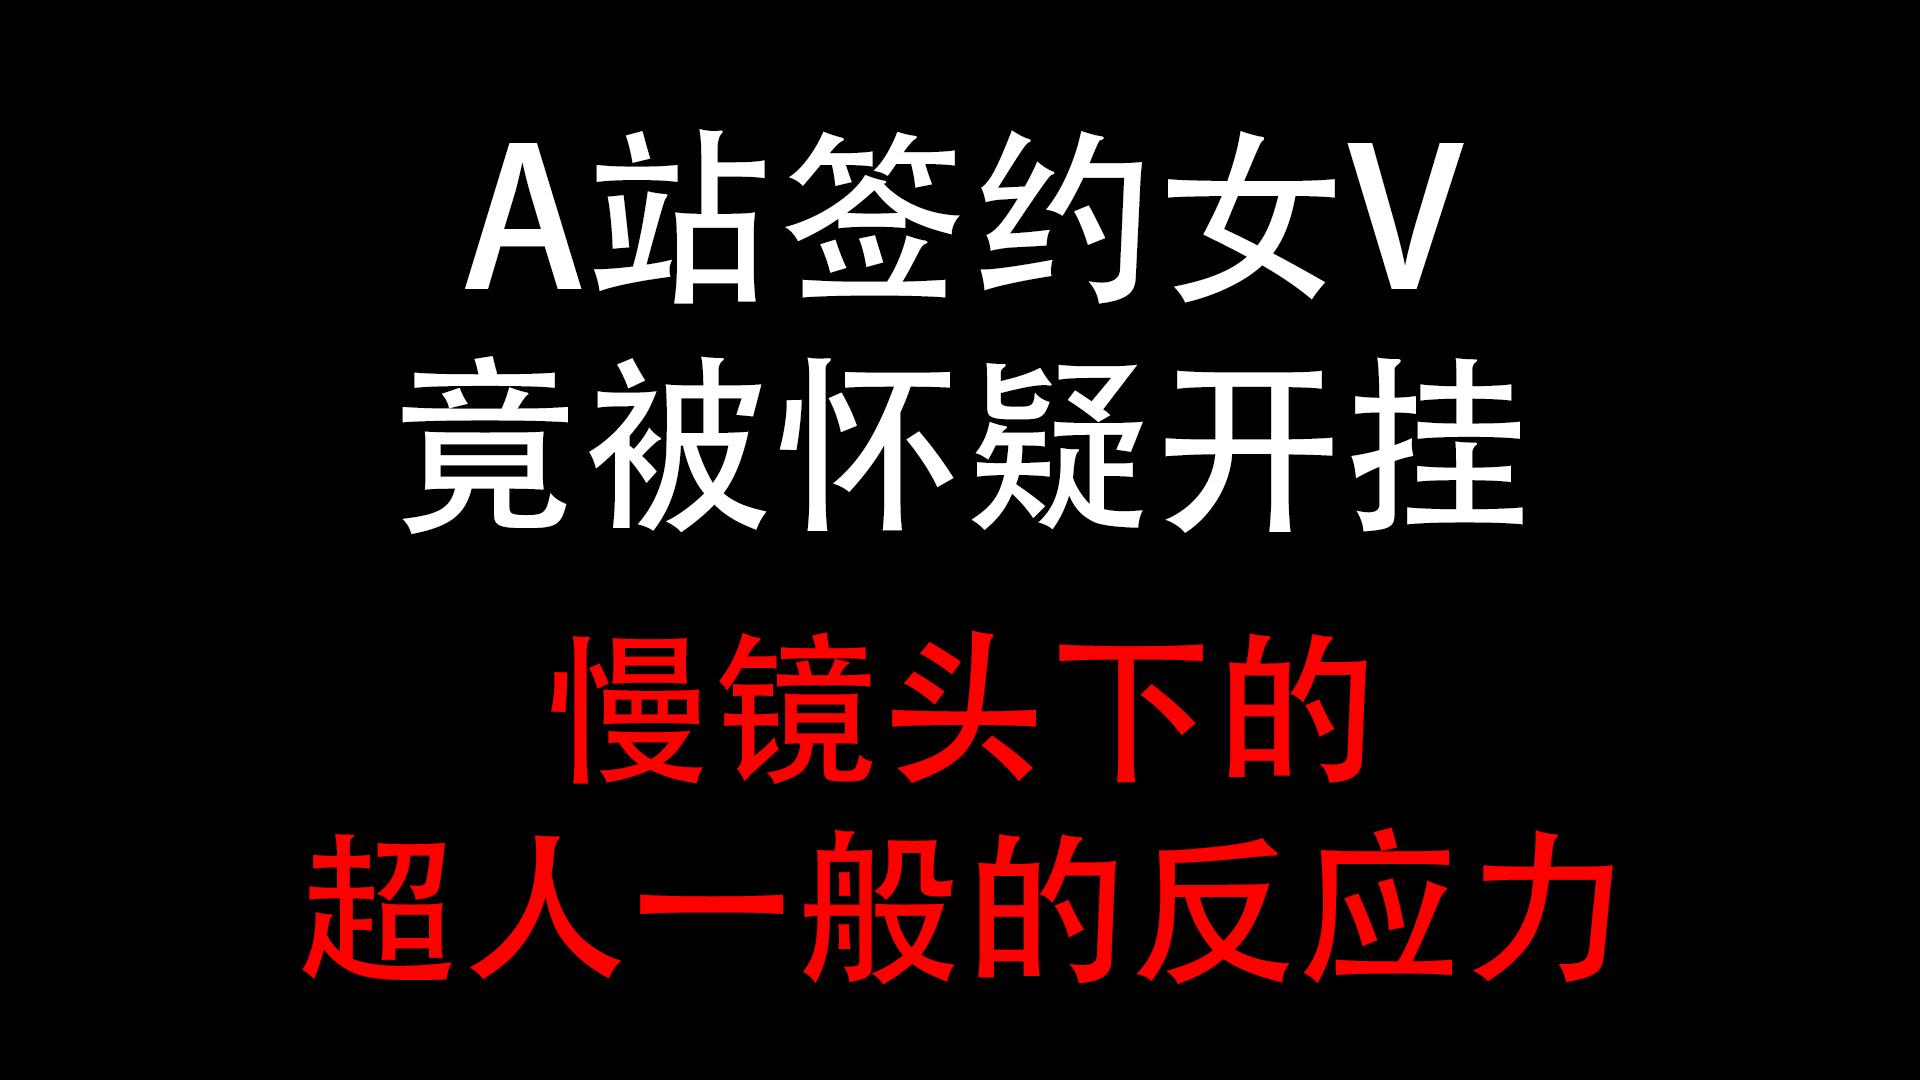 【A站独家】签约女V被怀疑开挂 哈哈哈哈哈哈哈哈